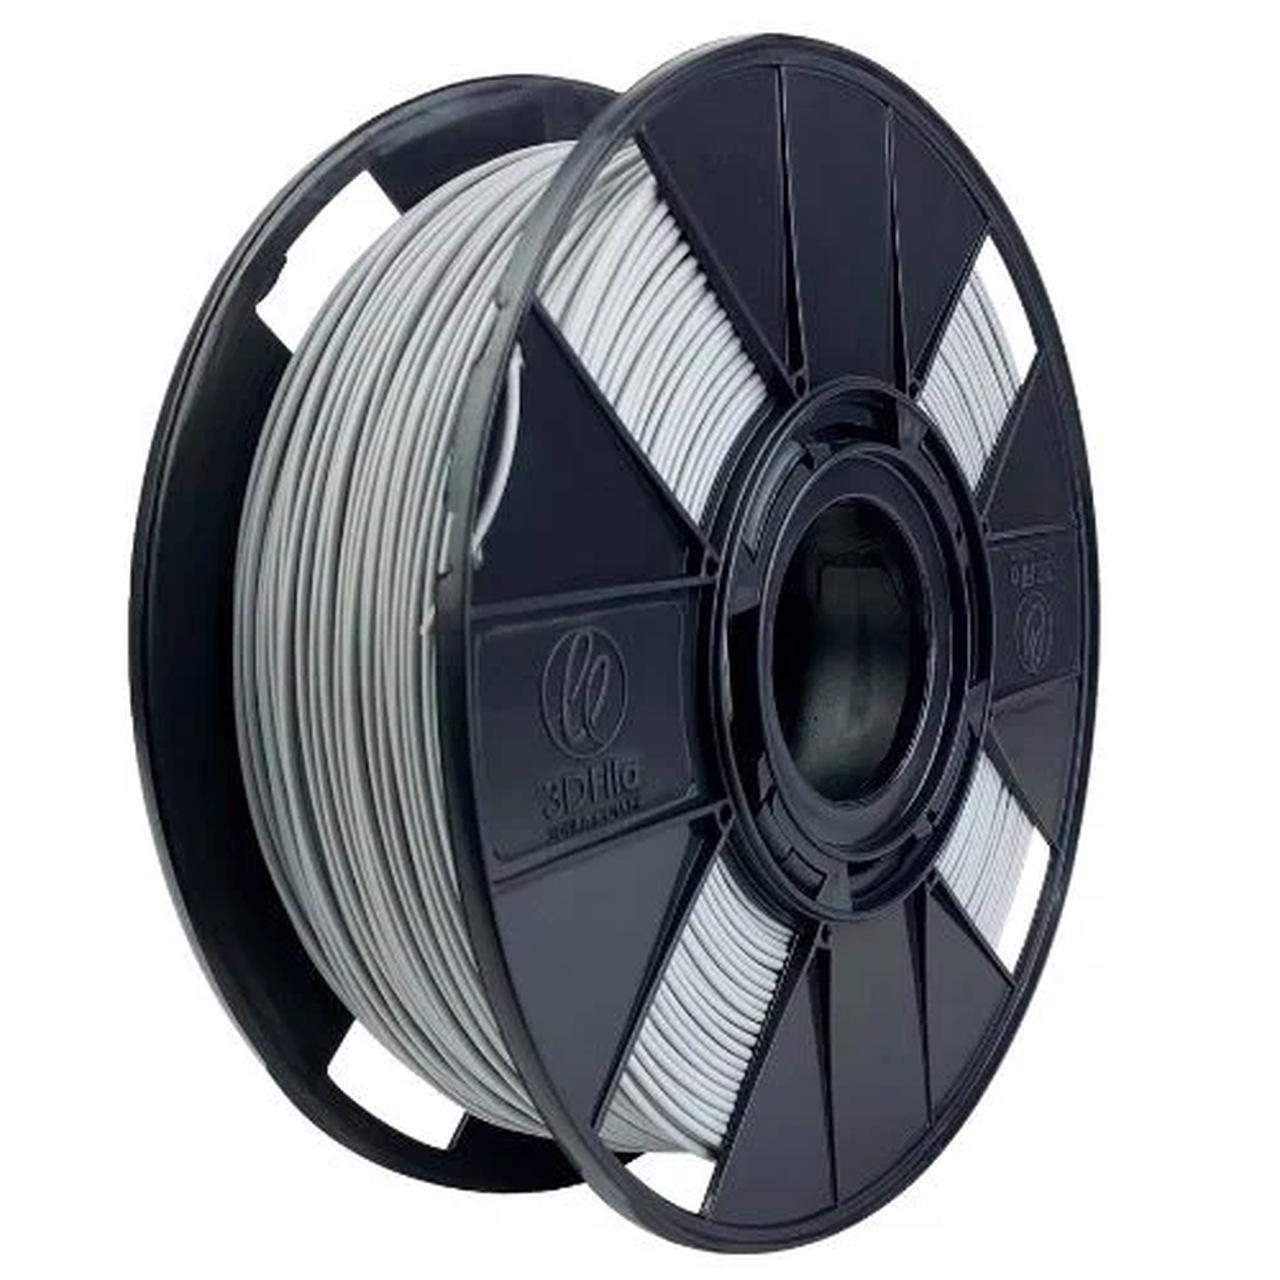 Filamento PLA Basic - Cinza Primer - 3D Fila - 1.75mm - 1 kg